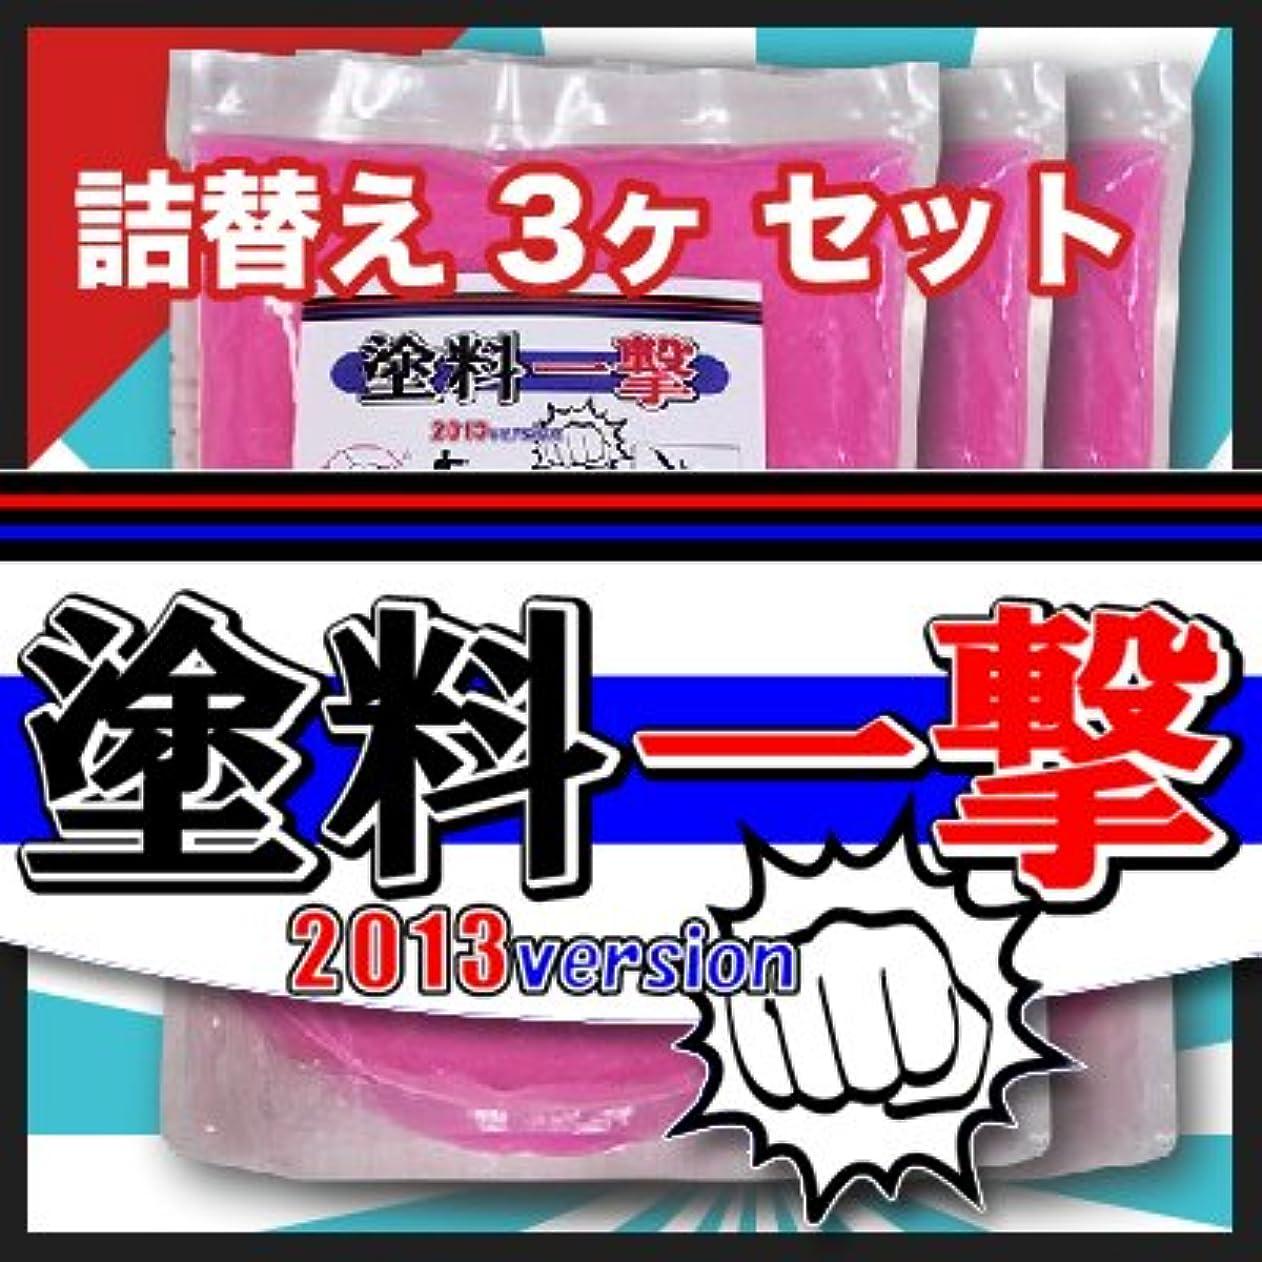 メイトコール喜ぶD.Iプランニング 塗料一撃 2013 Version 詰替え (1.2kg x 3ヶ)